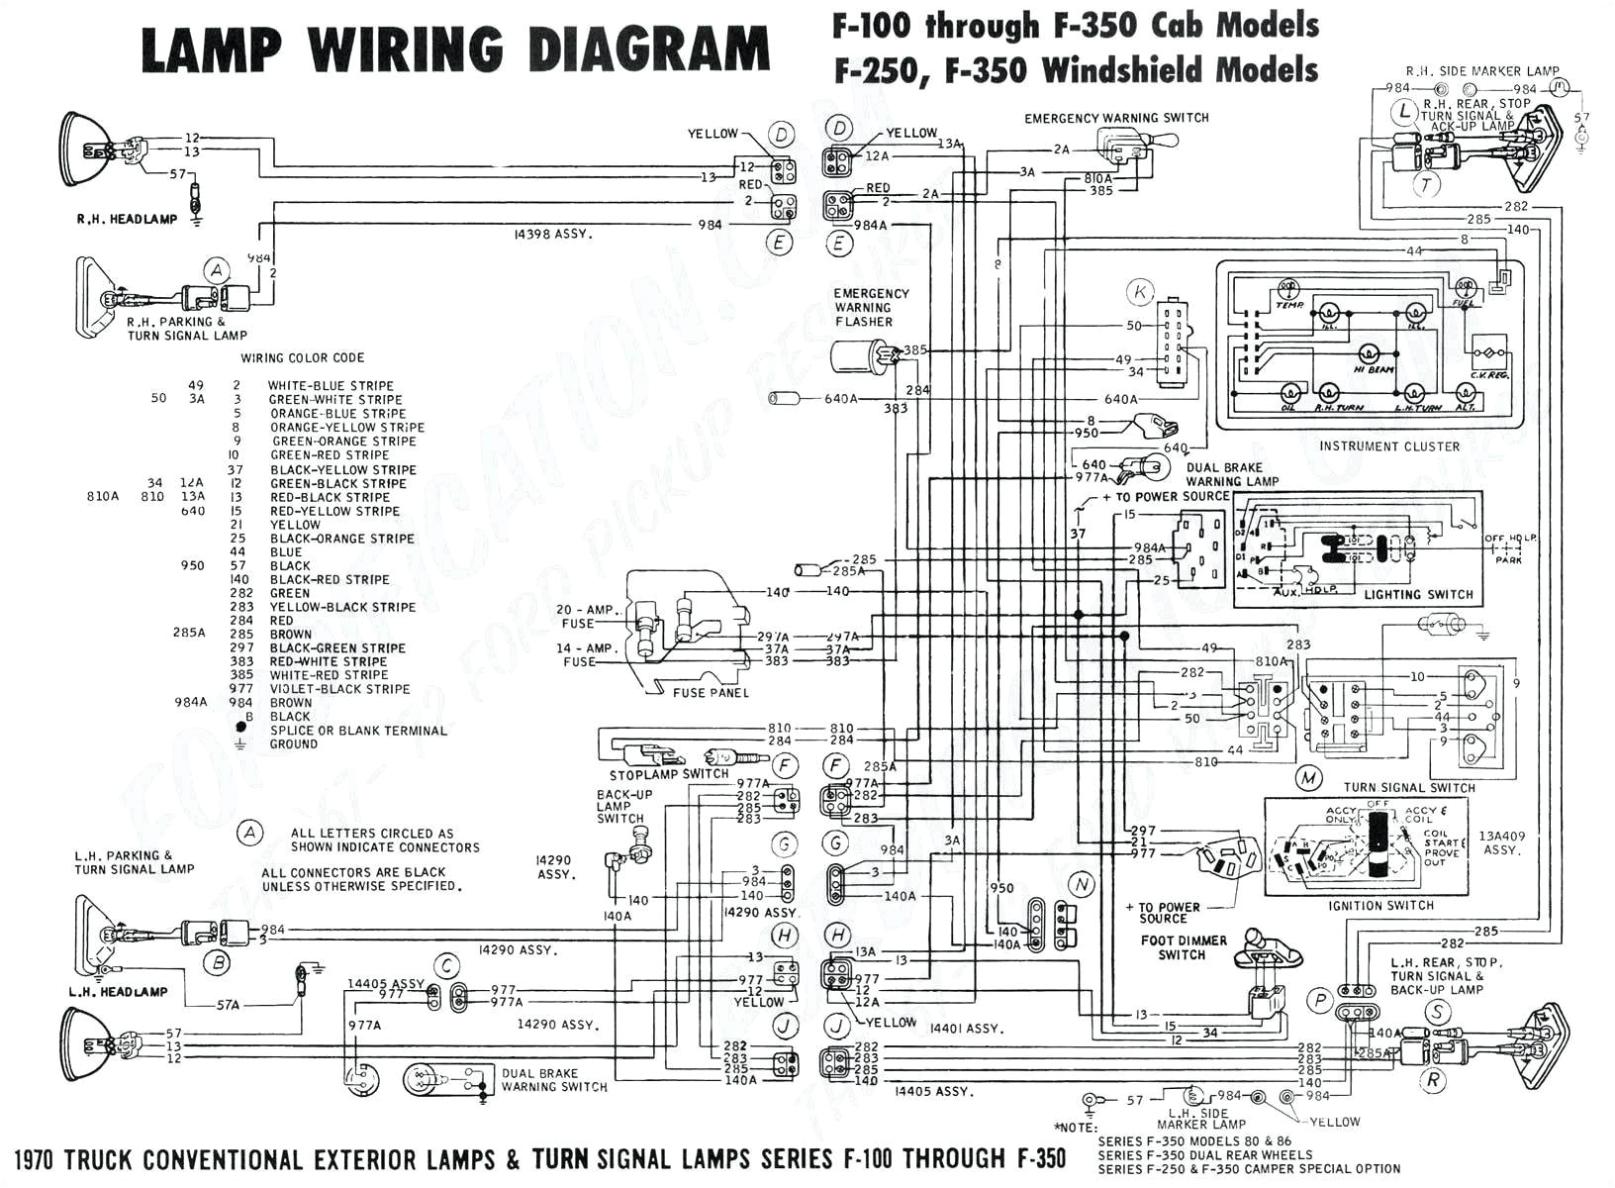 1980 corvette horn relay location on c4 corvette bose radio wiring 1980 corvette horn relay location on c4 corvette bose radio wiring